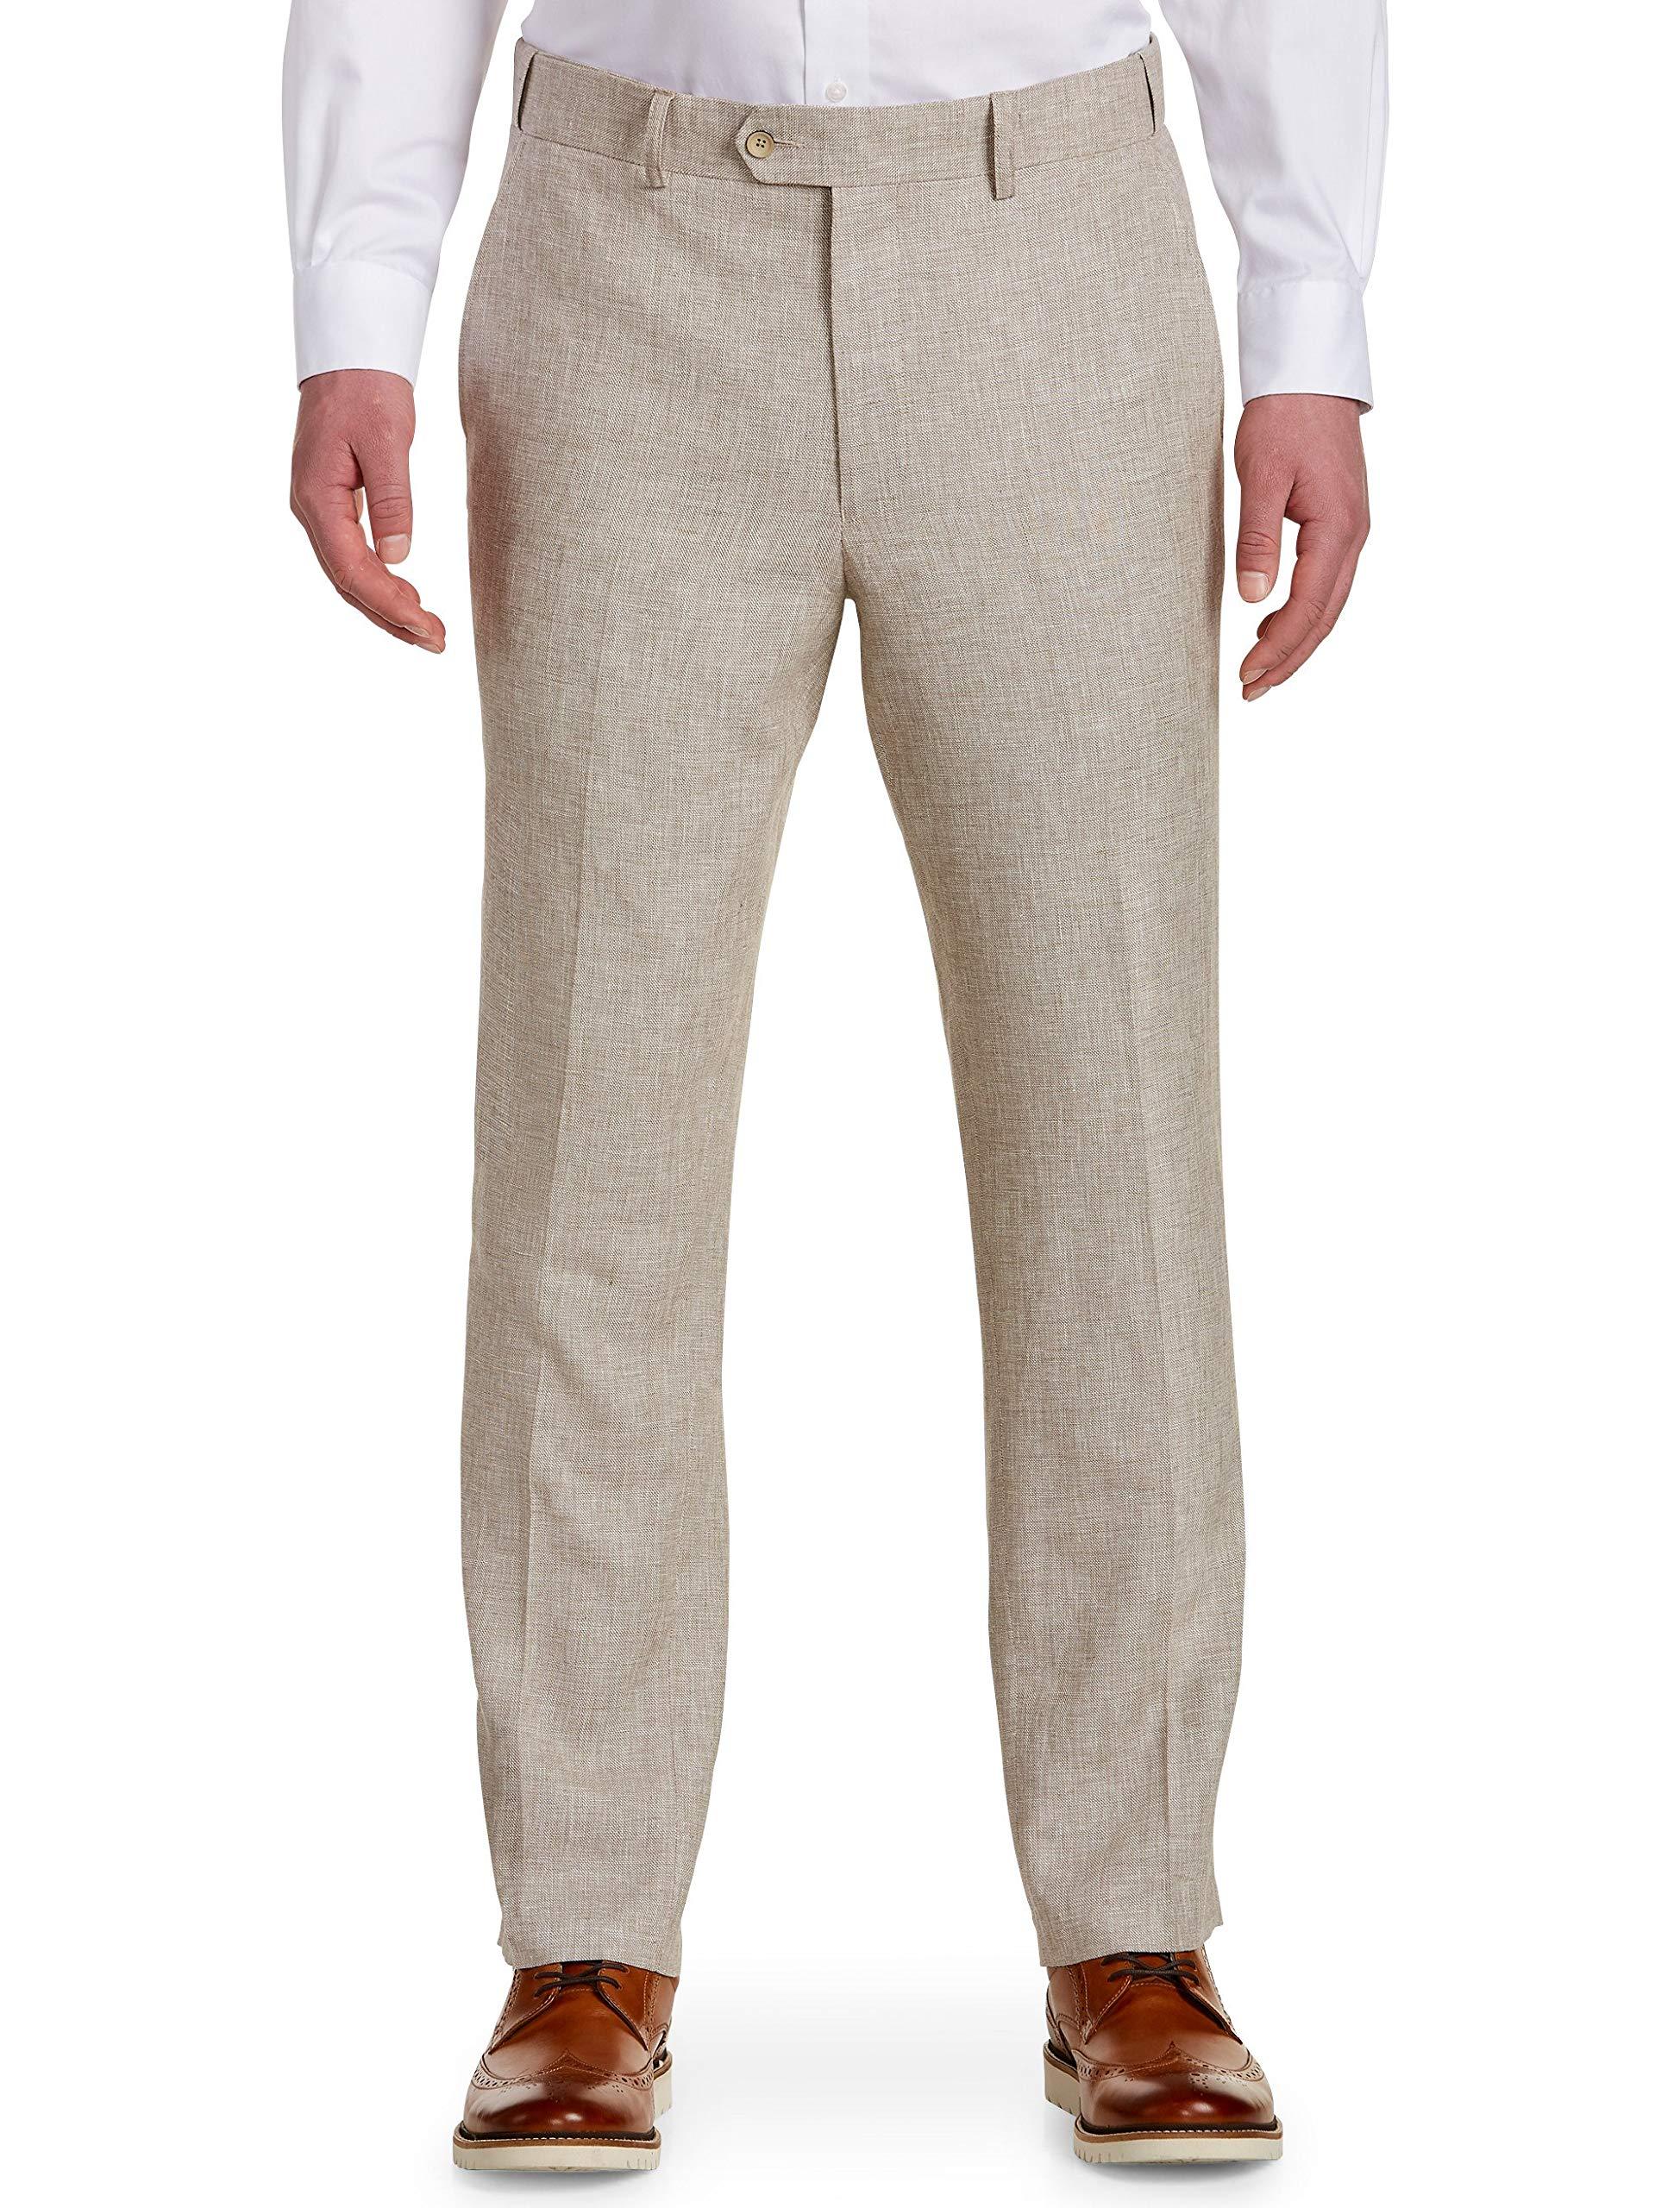 Oak Hill by DXL Big and Tall Waist-Relaxer Flat-Front Linen-Blend Suit Pants Tan by Oak Hill